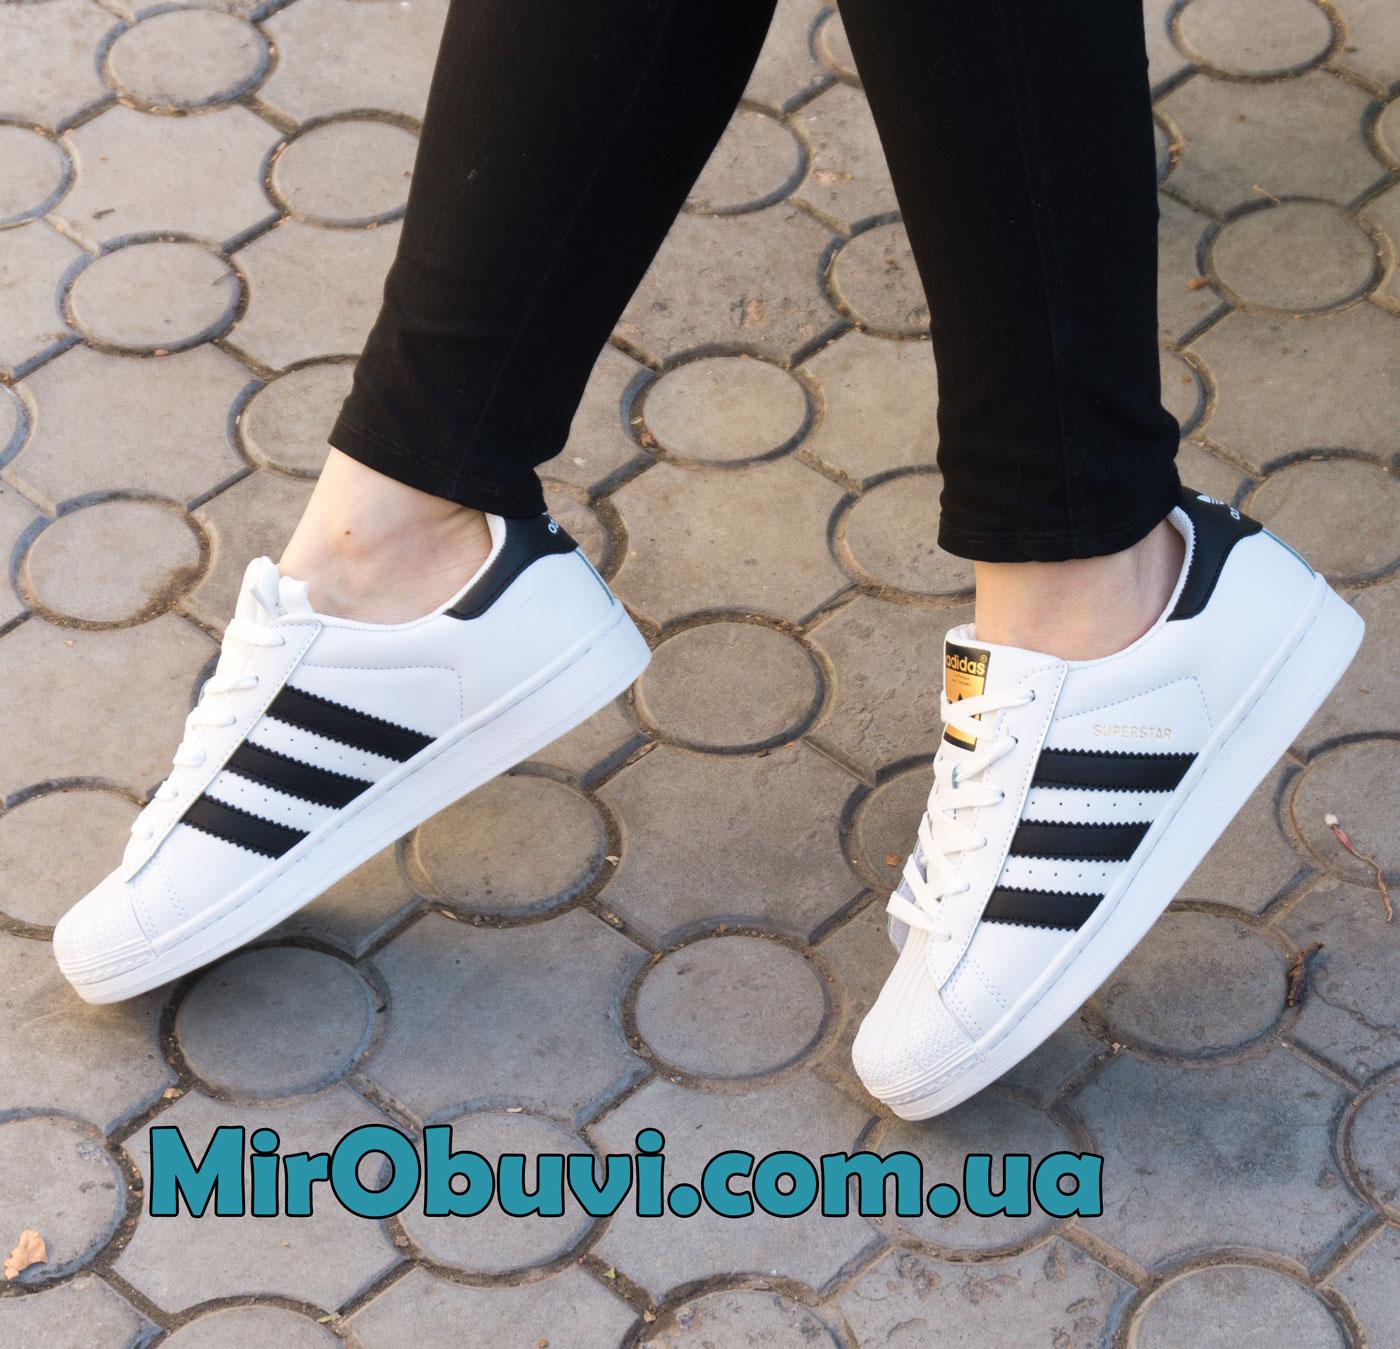 фото кроссовок Adidas superstar черные - золото на ноге.